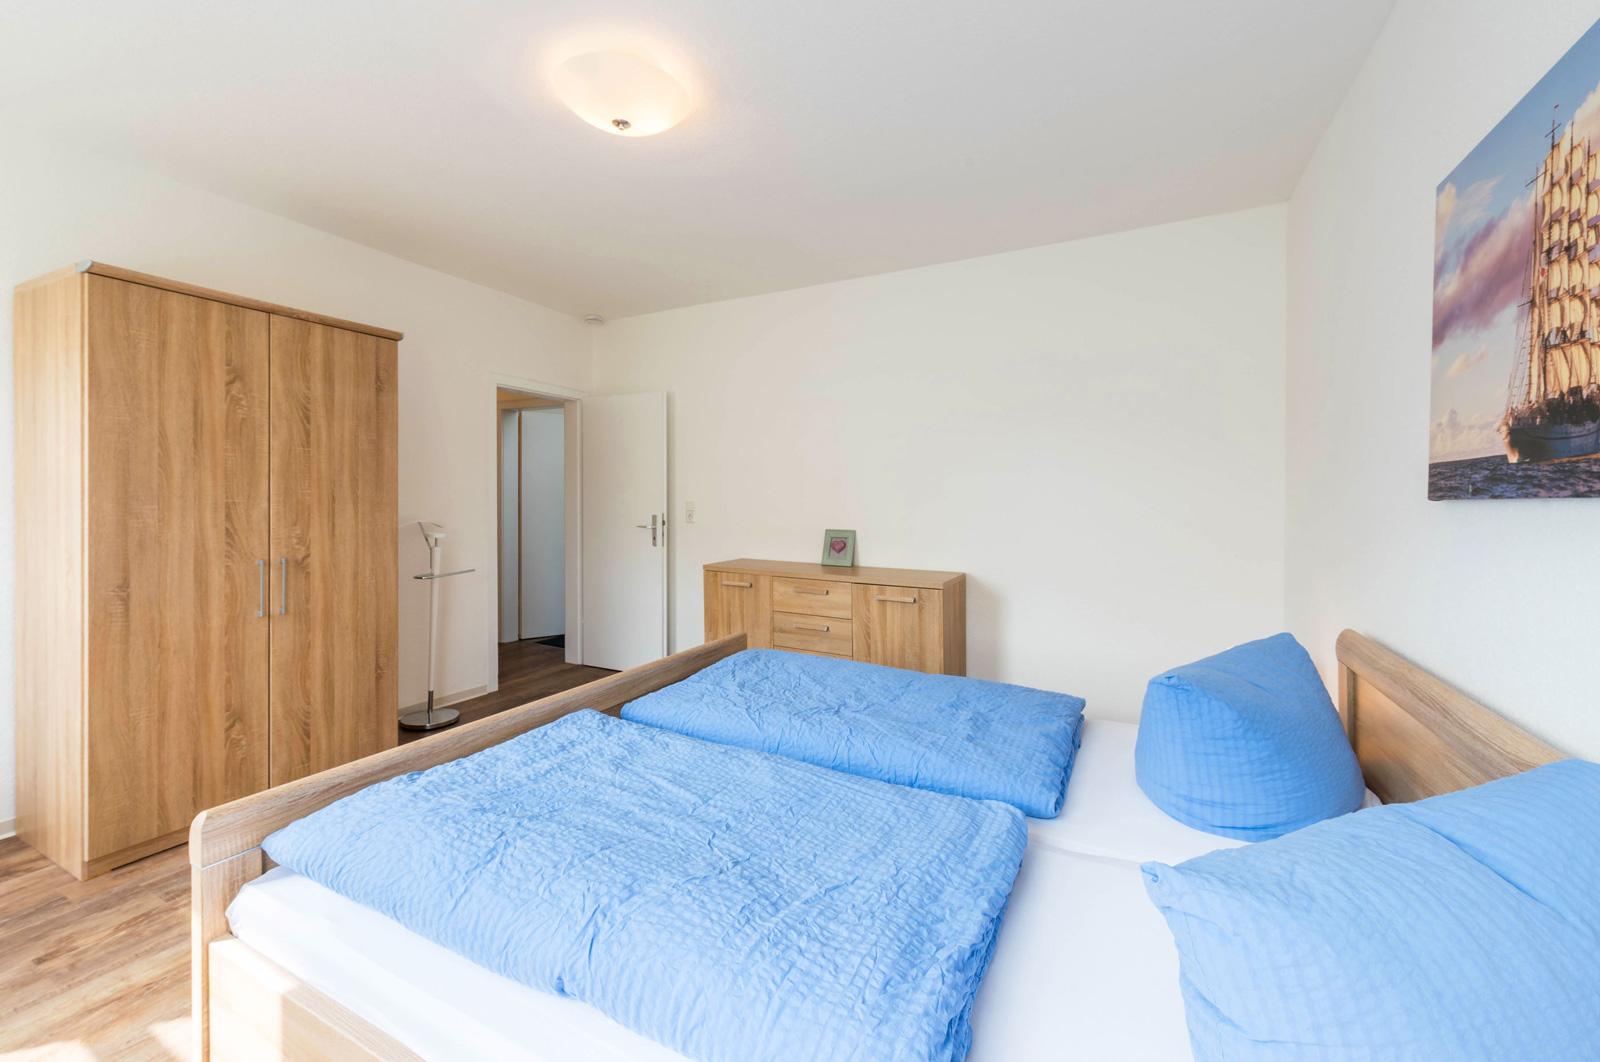 Norderney ferienwohnung 2 schlafzimmer  Best Norderney Ferienwohnung 2 Schlafzimmer Images - Einrichtungs ...